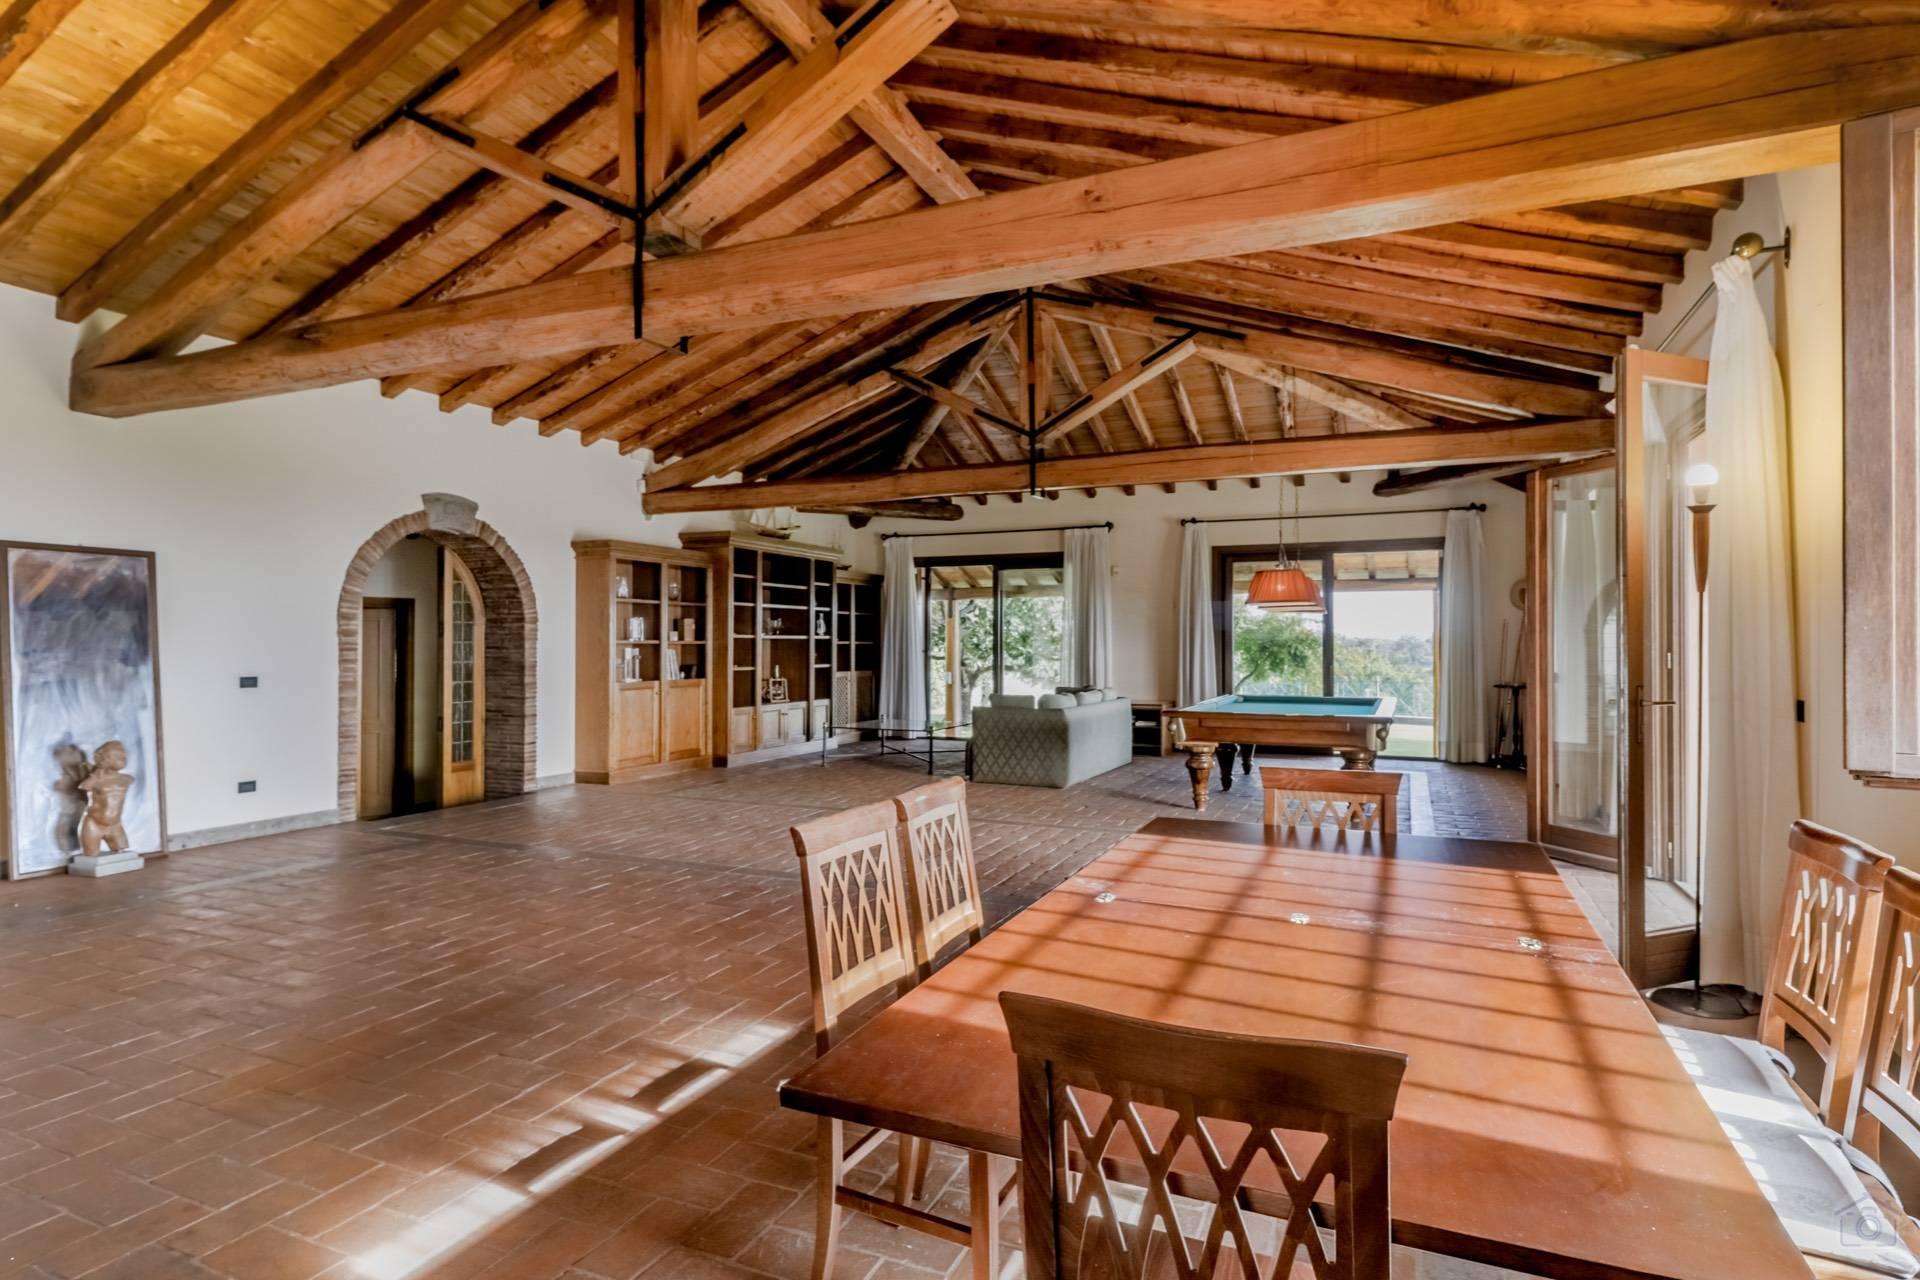 Villa in Vendita a Sacrofano: 5 locali, 180 mq - Foto 6